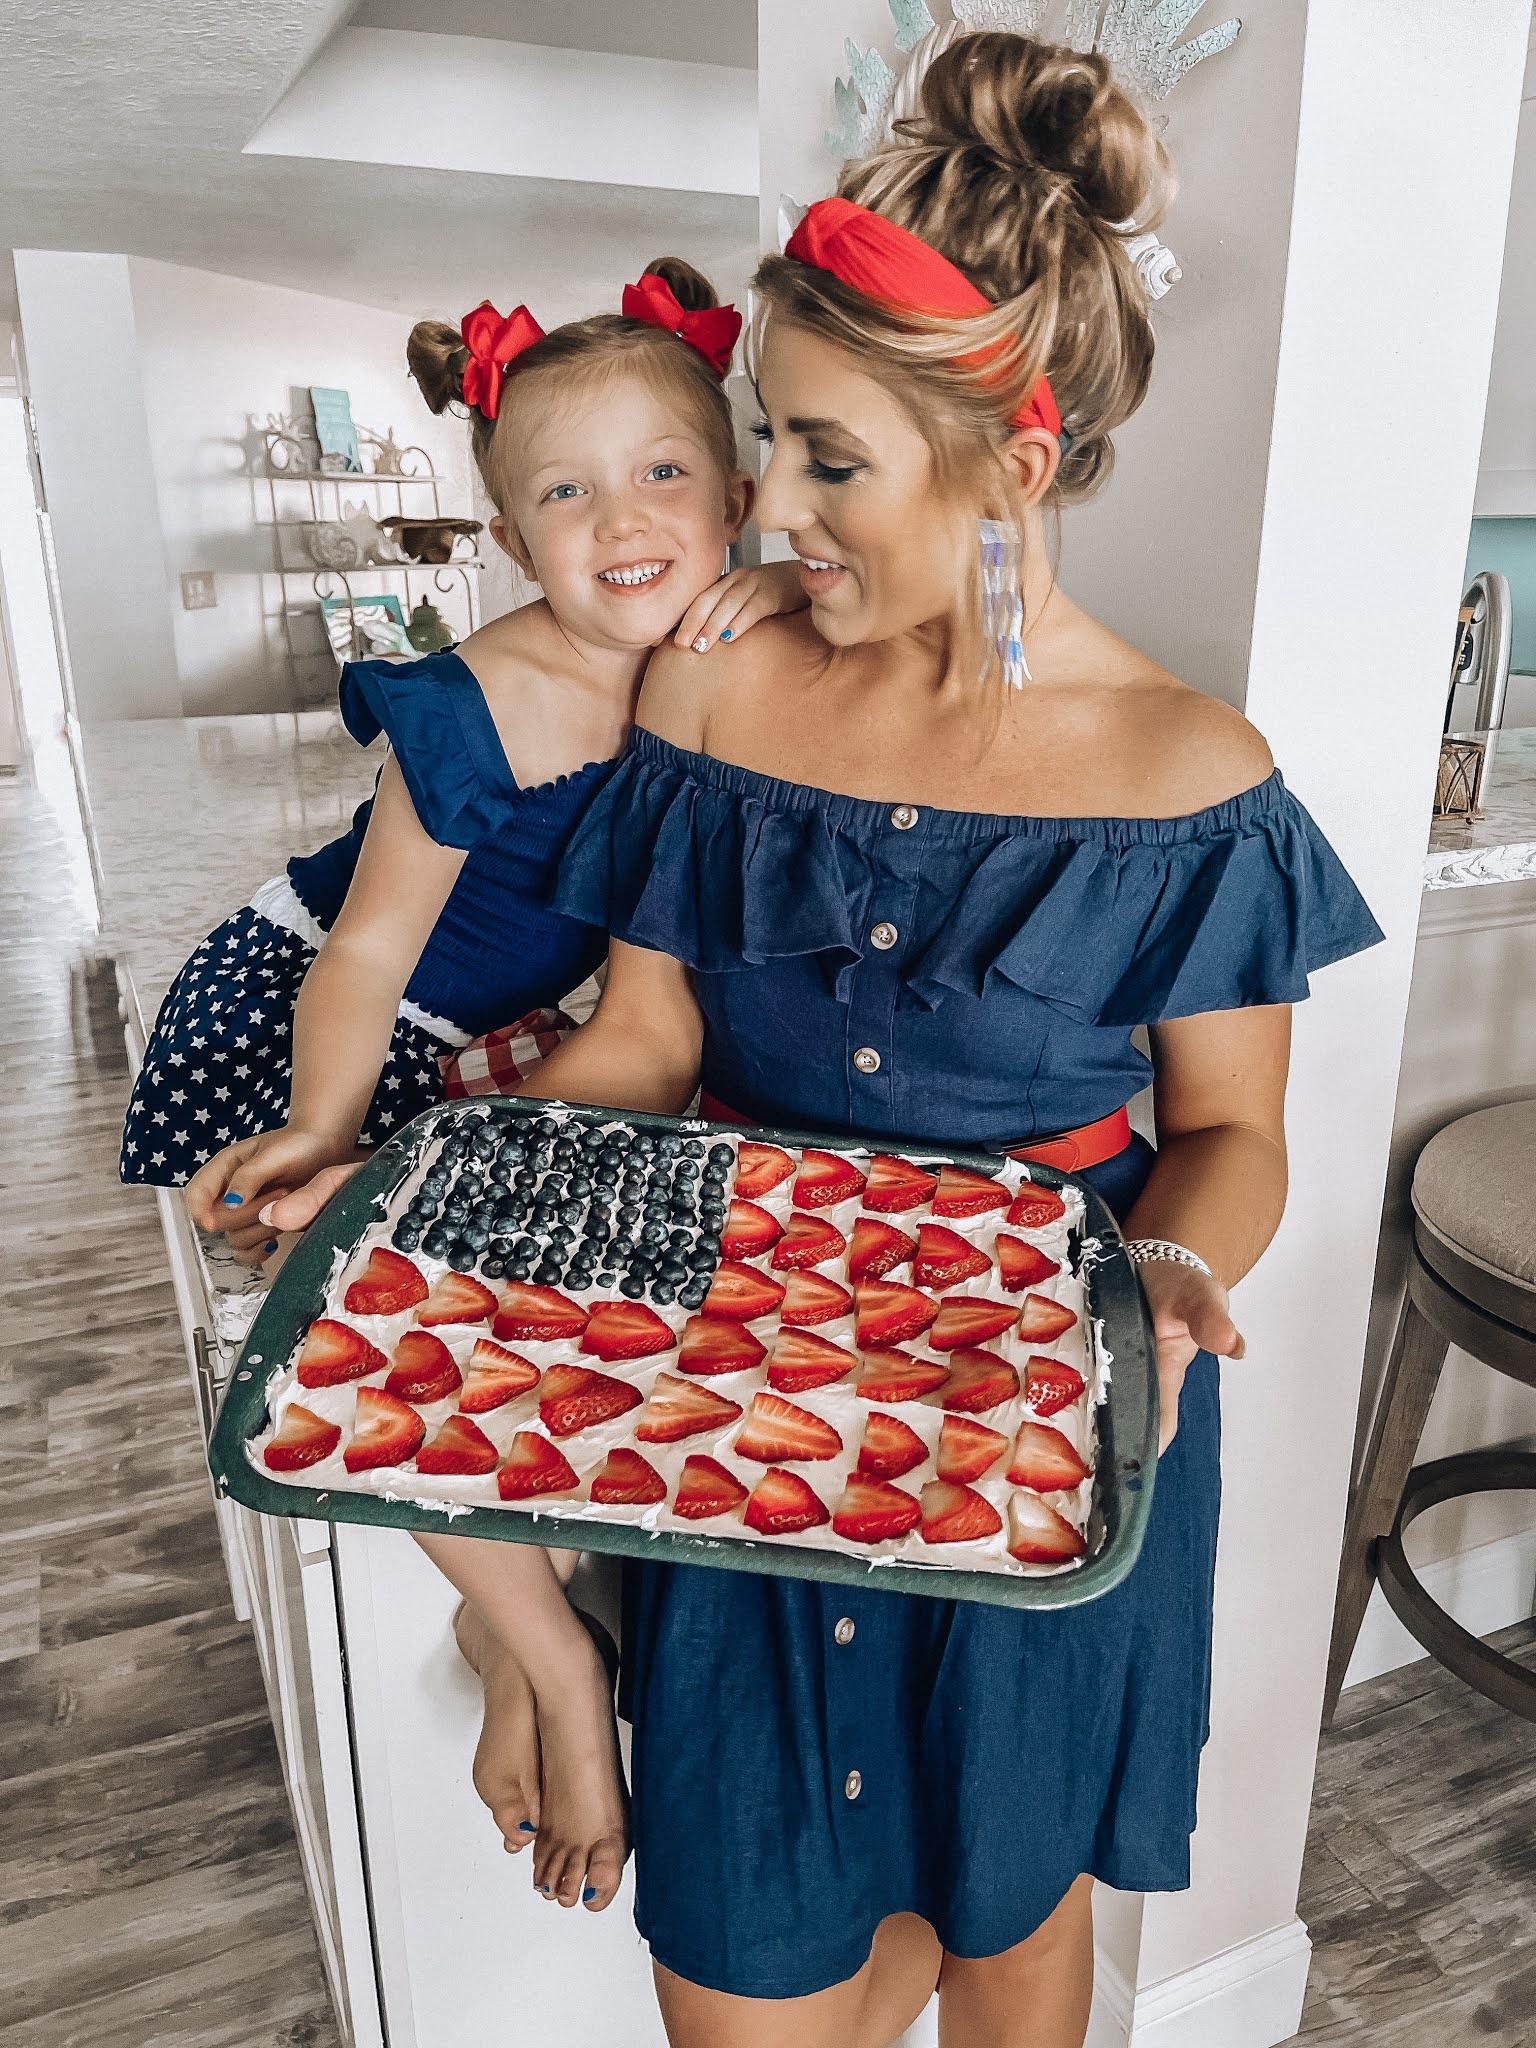 Patriotic Fruit Pizza: The Perfect Summertime Dessert - Something Delightful Blog #summerdessert #july4dessert #FruitPizza #easydessert